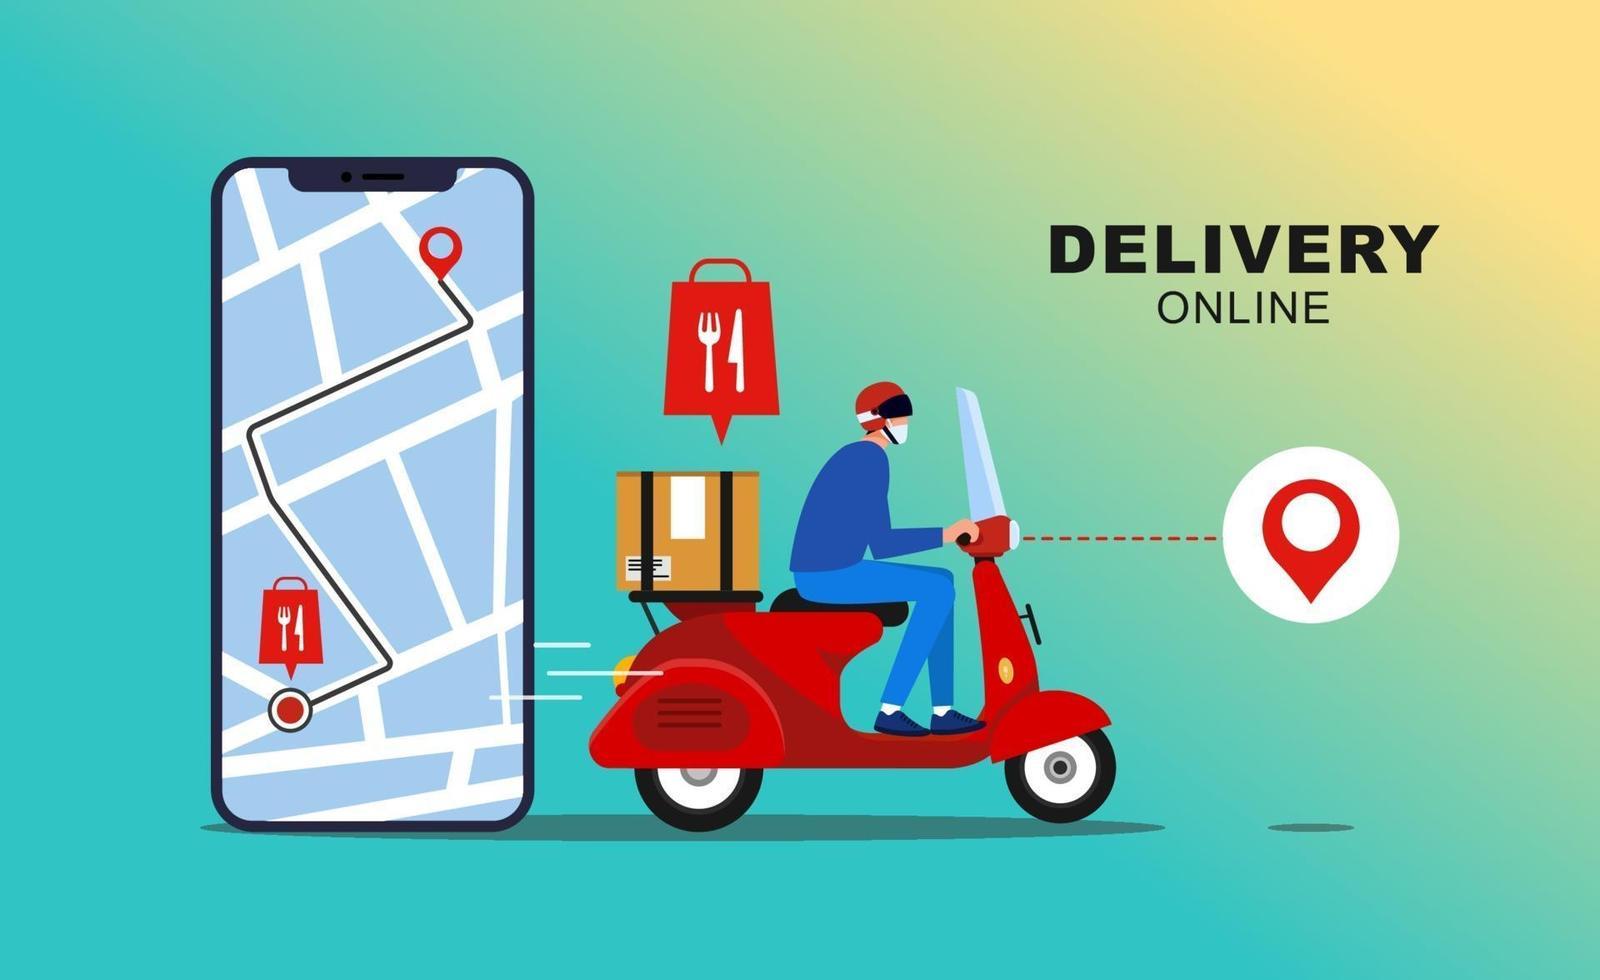 entrega online com aplicativo móvel. pacote de entrega rápida por correio no celular. rastreamento de comida de correio por aplicativo de mapa. vetor